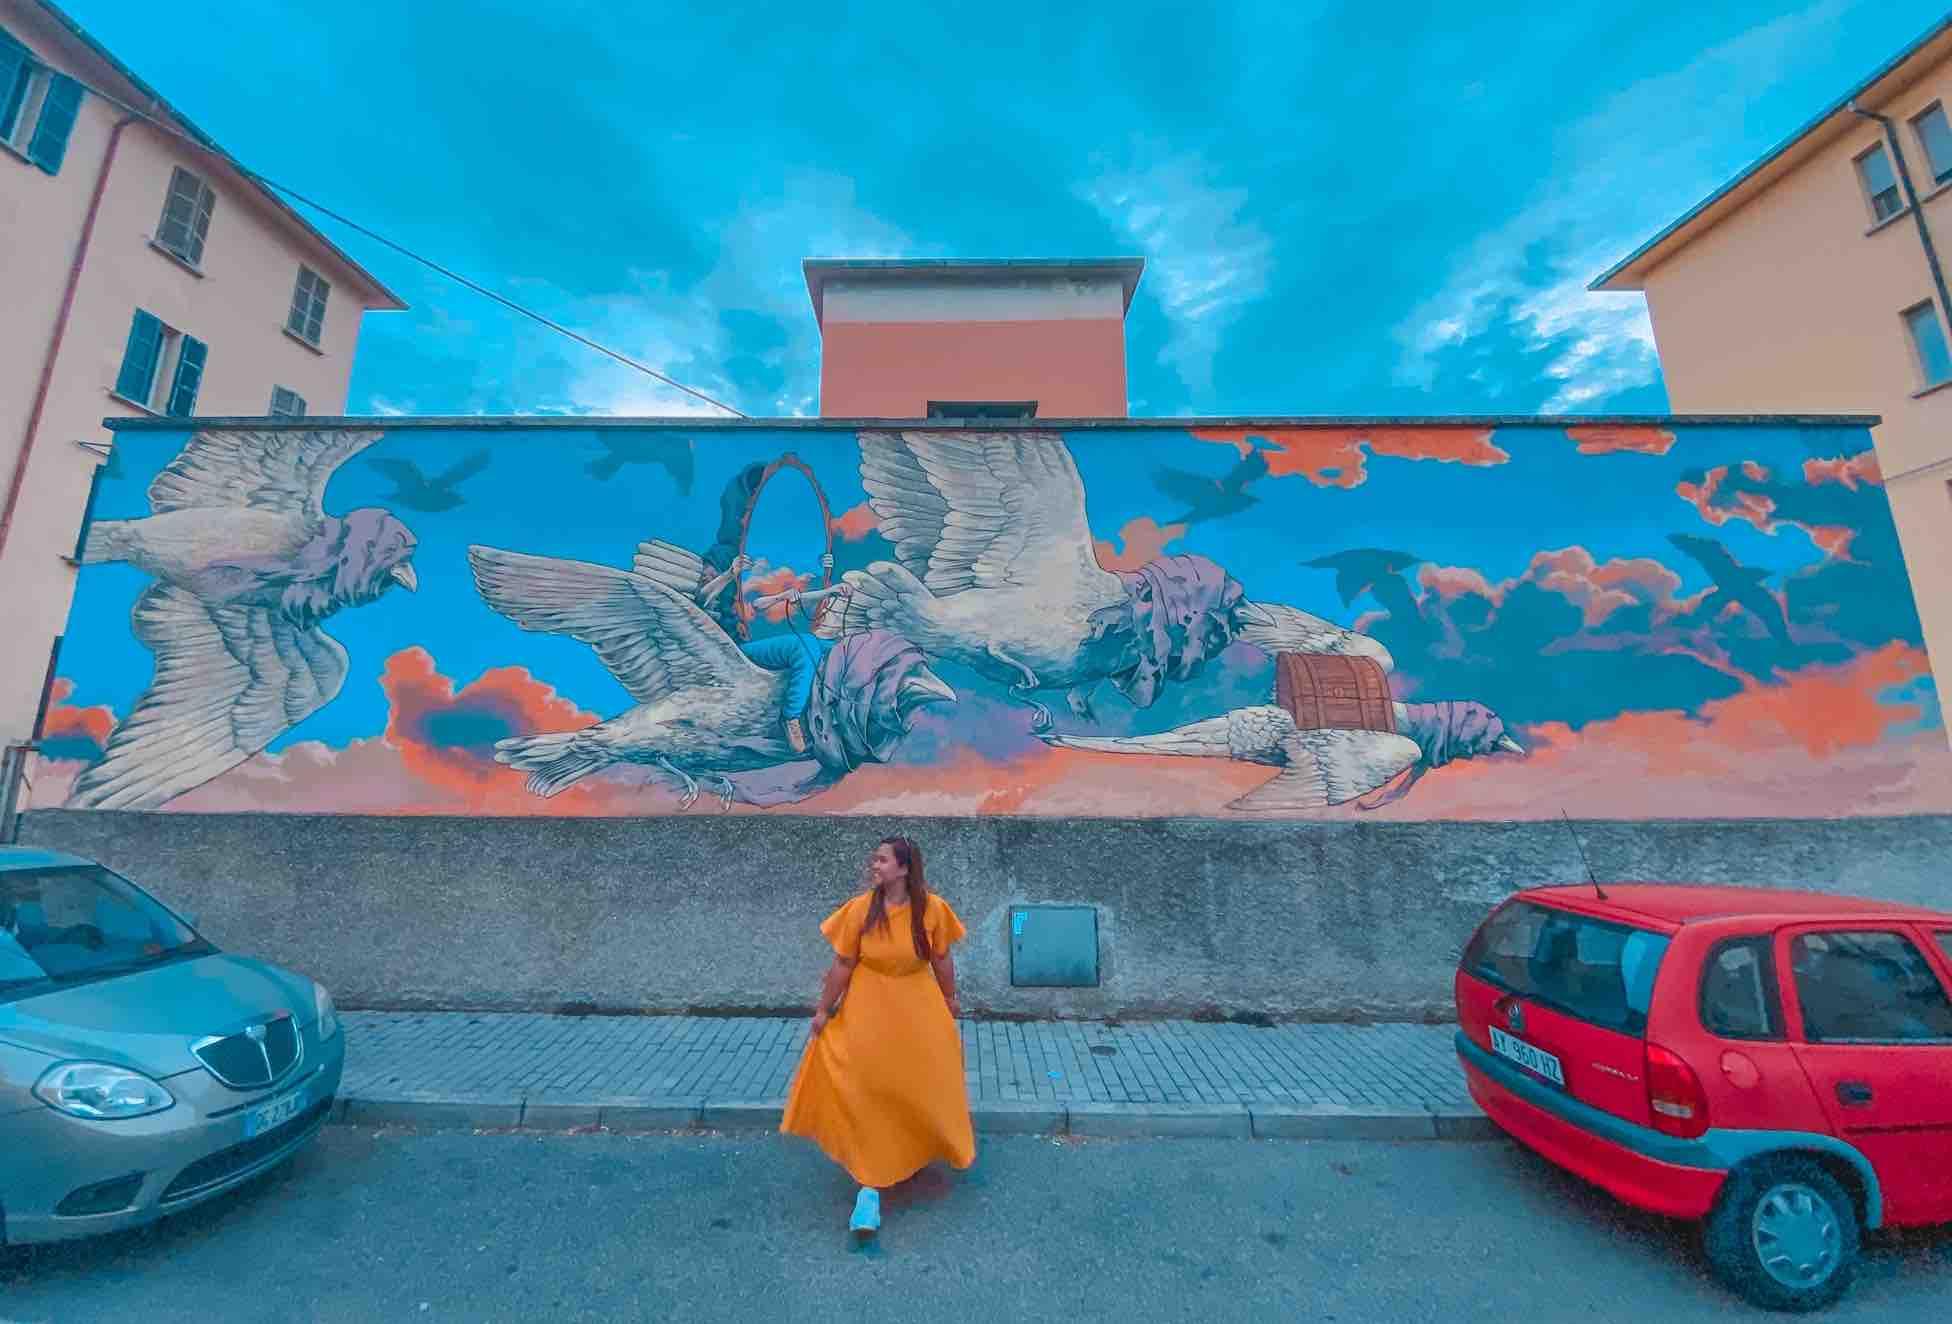 ragazza ammira uno splendido murales a Ravenna da vedere assolutamente in due giorni nella città dei mosaici